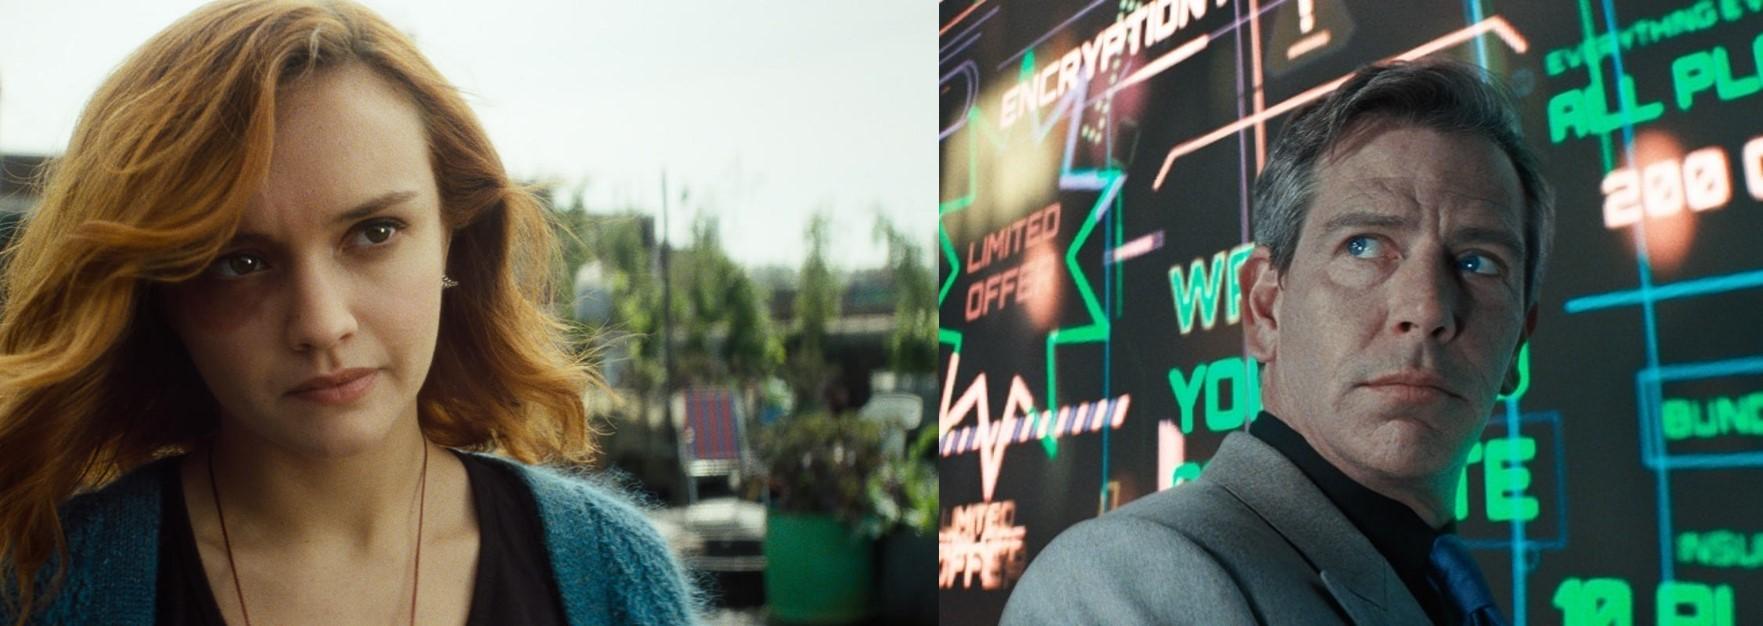 Mit Olivia Cooke und Ben Mendelson sind nicht nur Nerds, sondern auch hochkarätige Schauspieler am Werk.